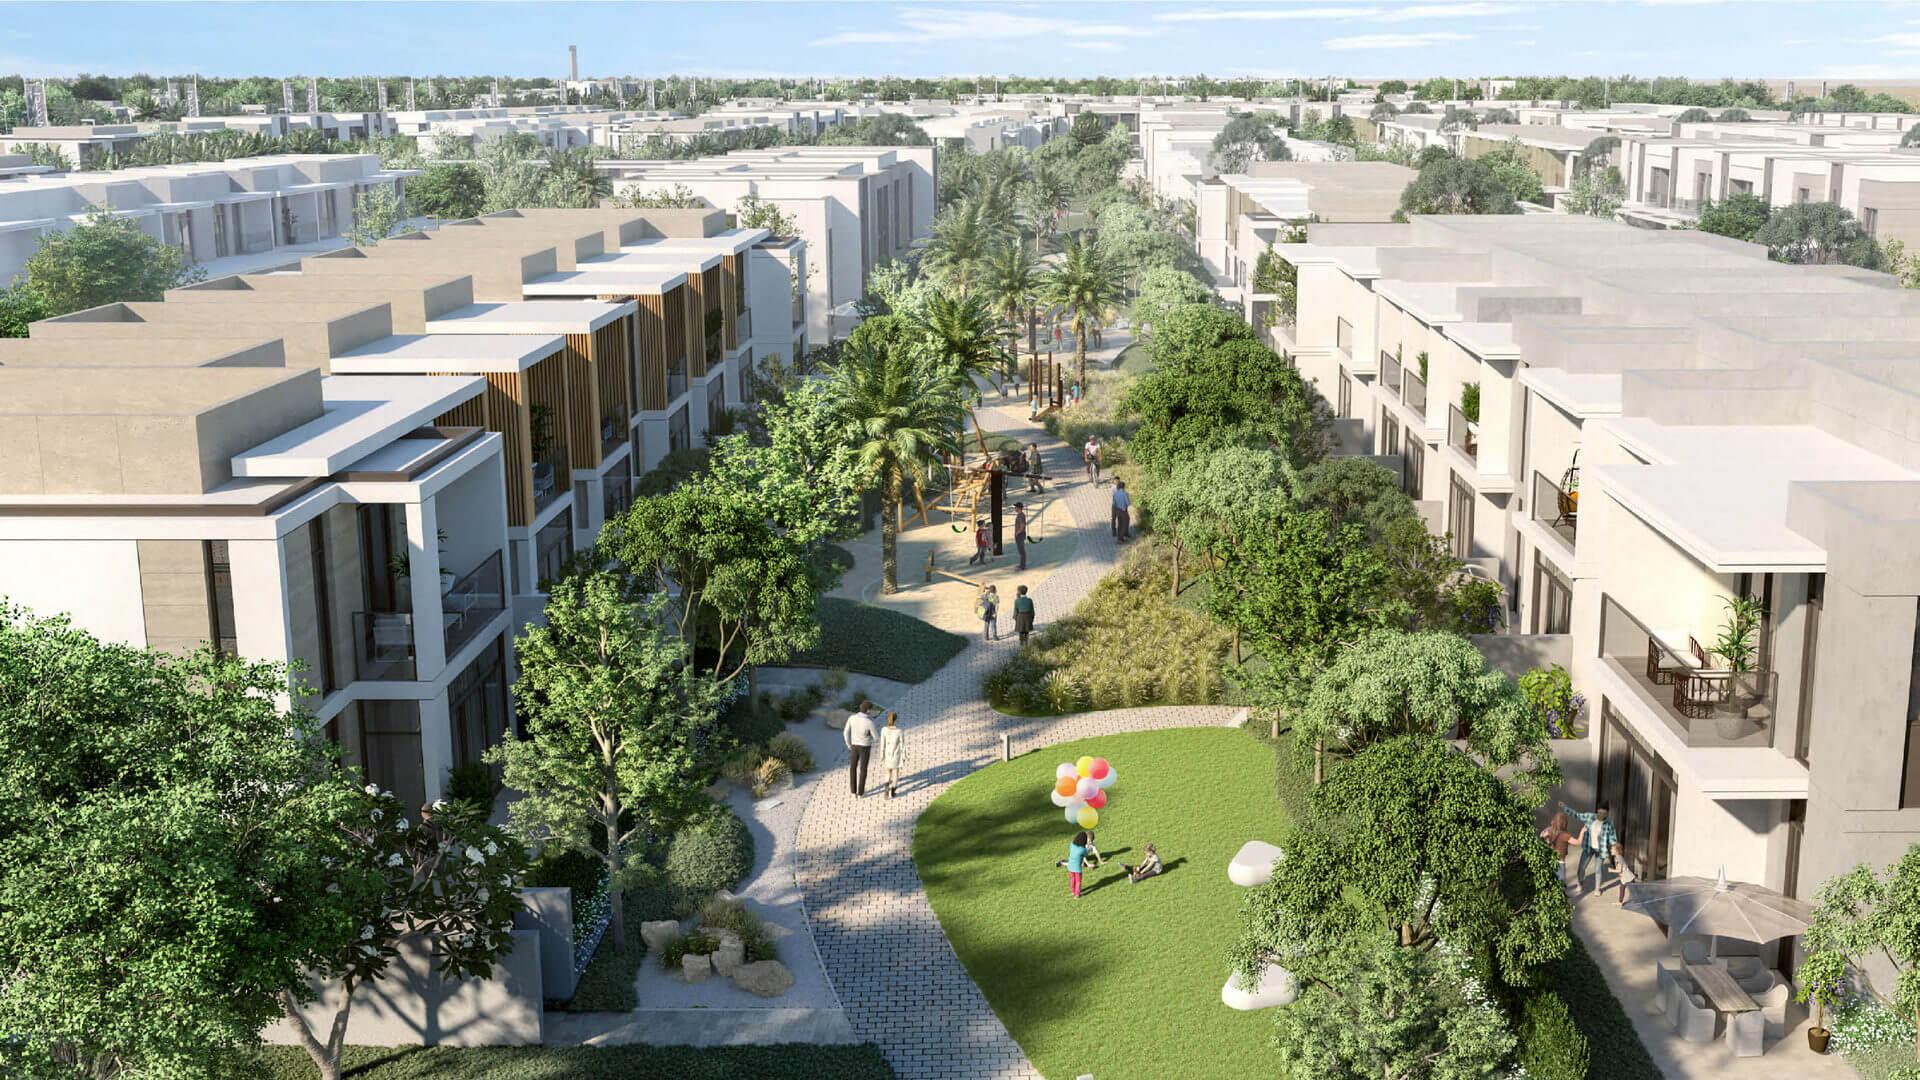 Villa en venta en Dubai, EAU, 4 dormitorios, 245 m2, № 24044 – foto 2